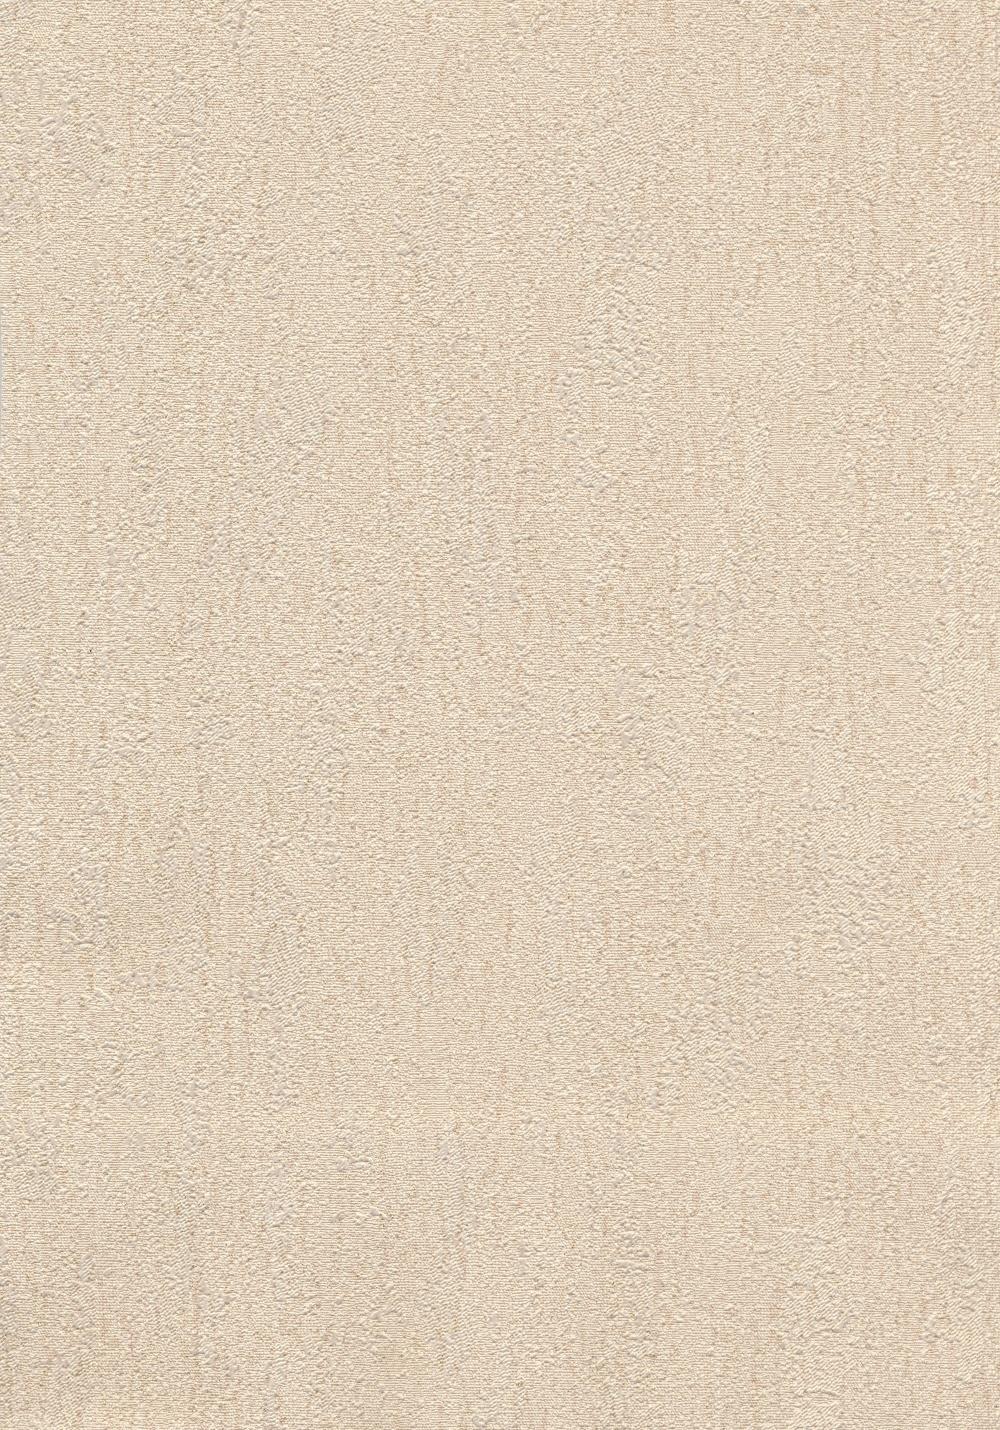 арт. 1057-02